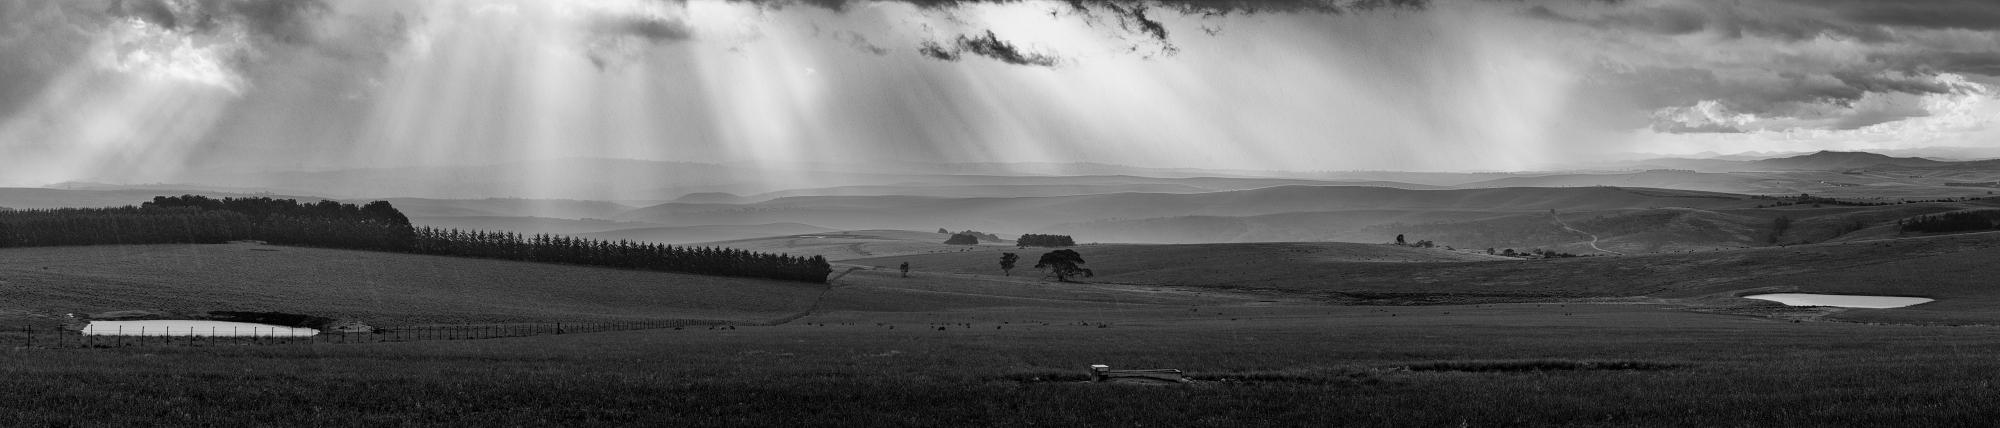 Blowing Rain over Palarang Road, Monaro Plains, New South Wales